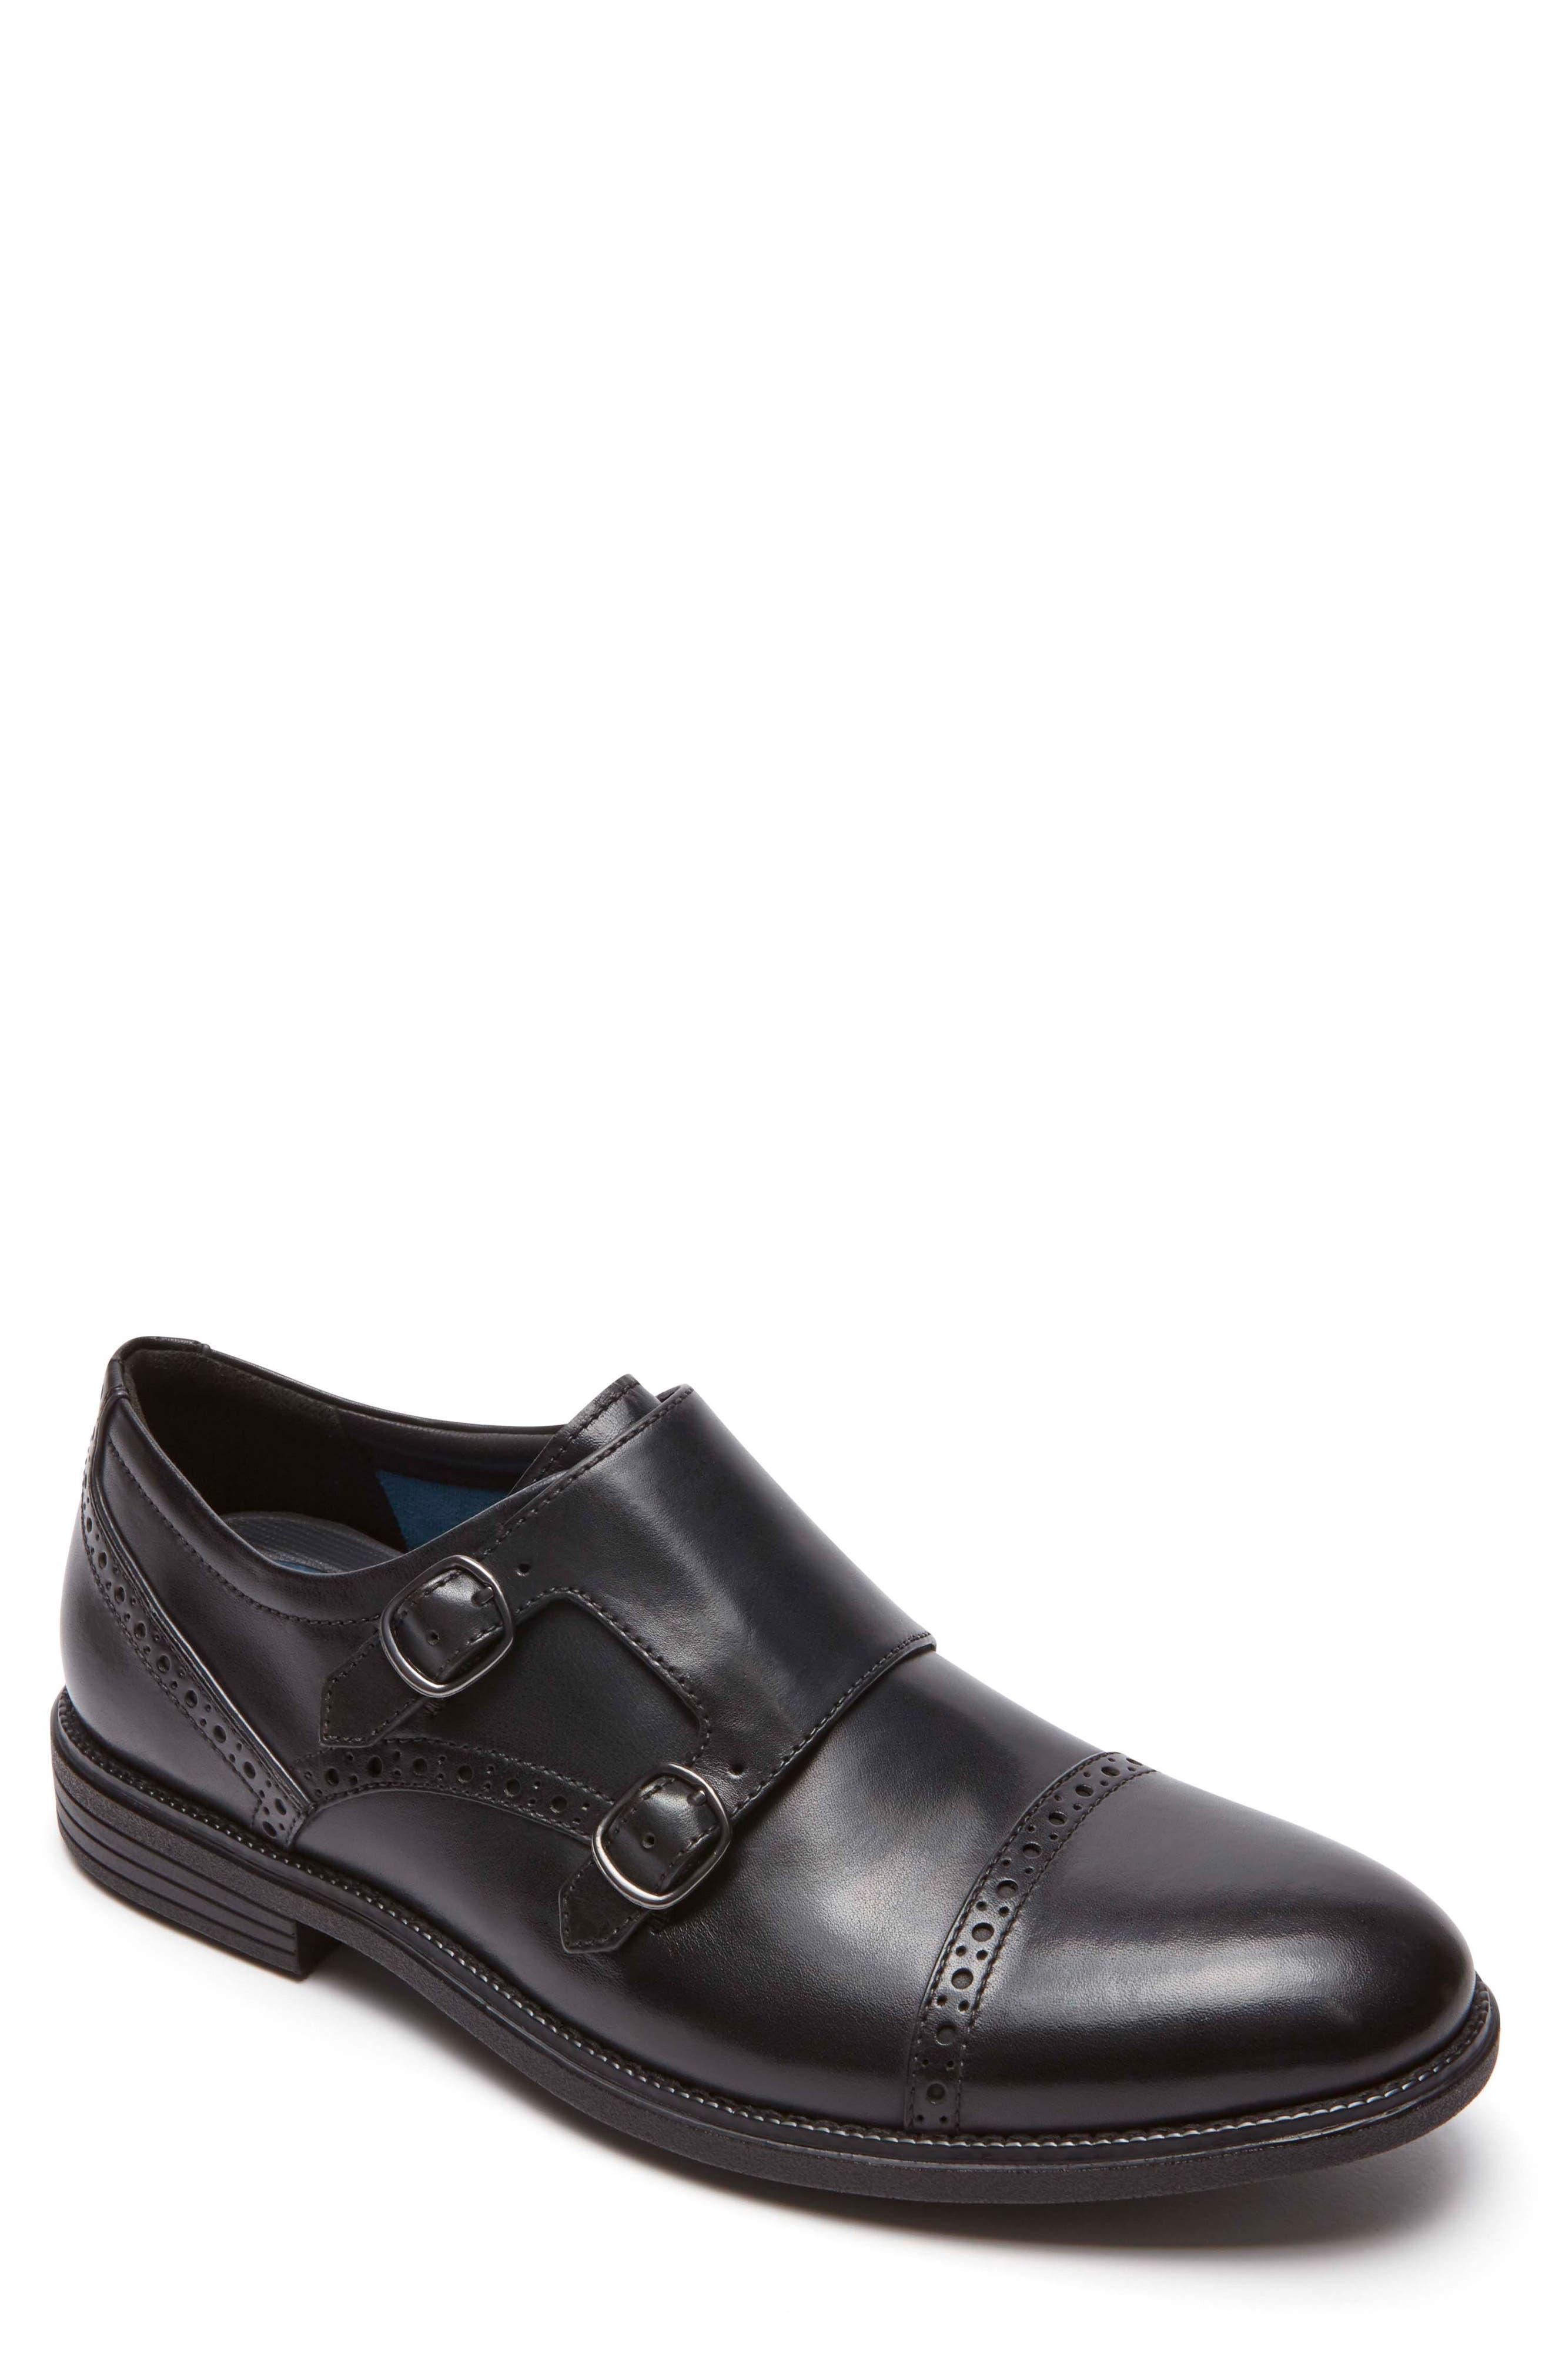 Madson Double Monk Strap Shoe,                             Main thumbnail 1, color,                             001